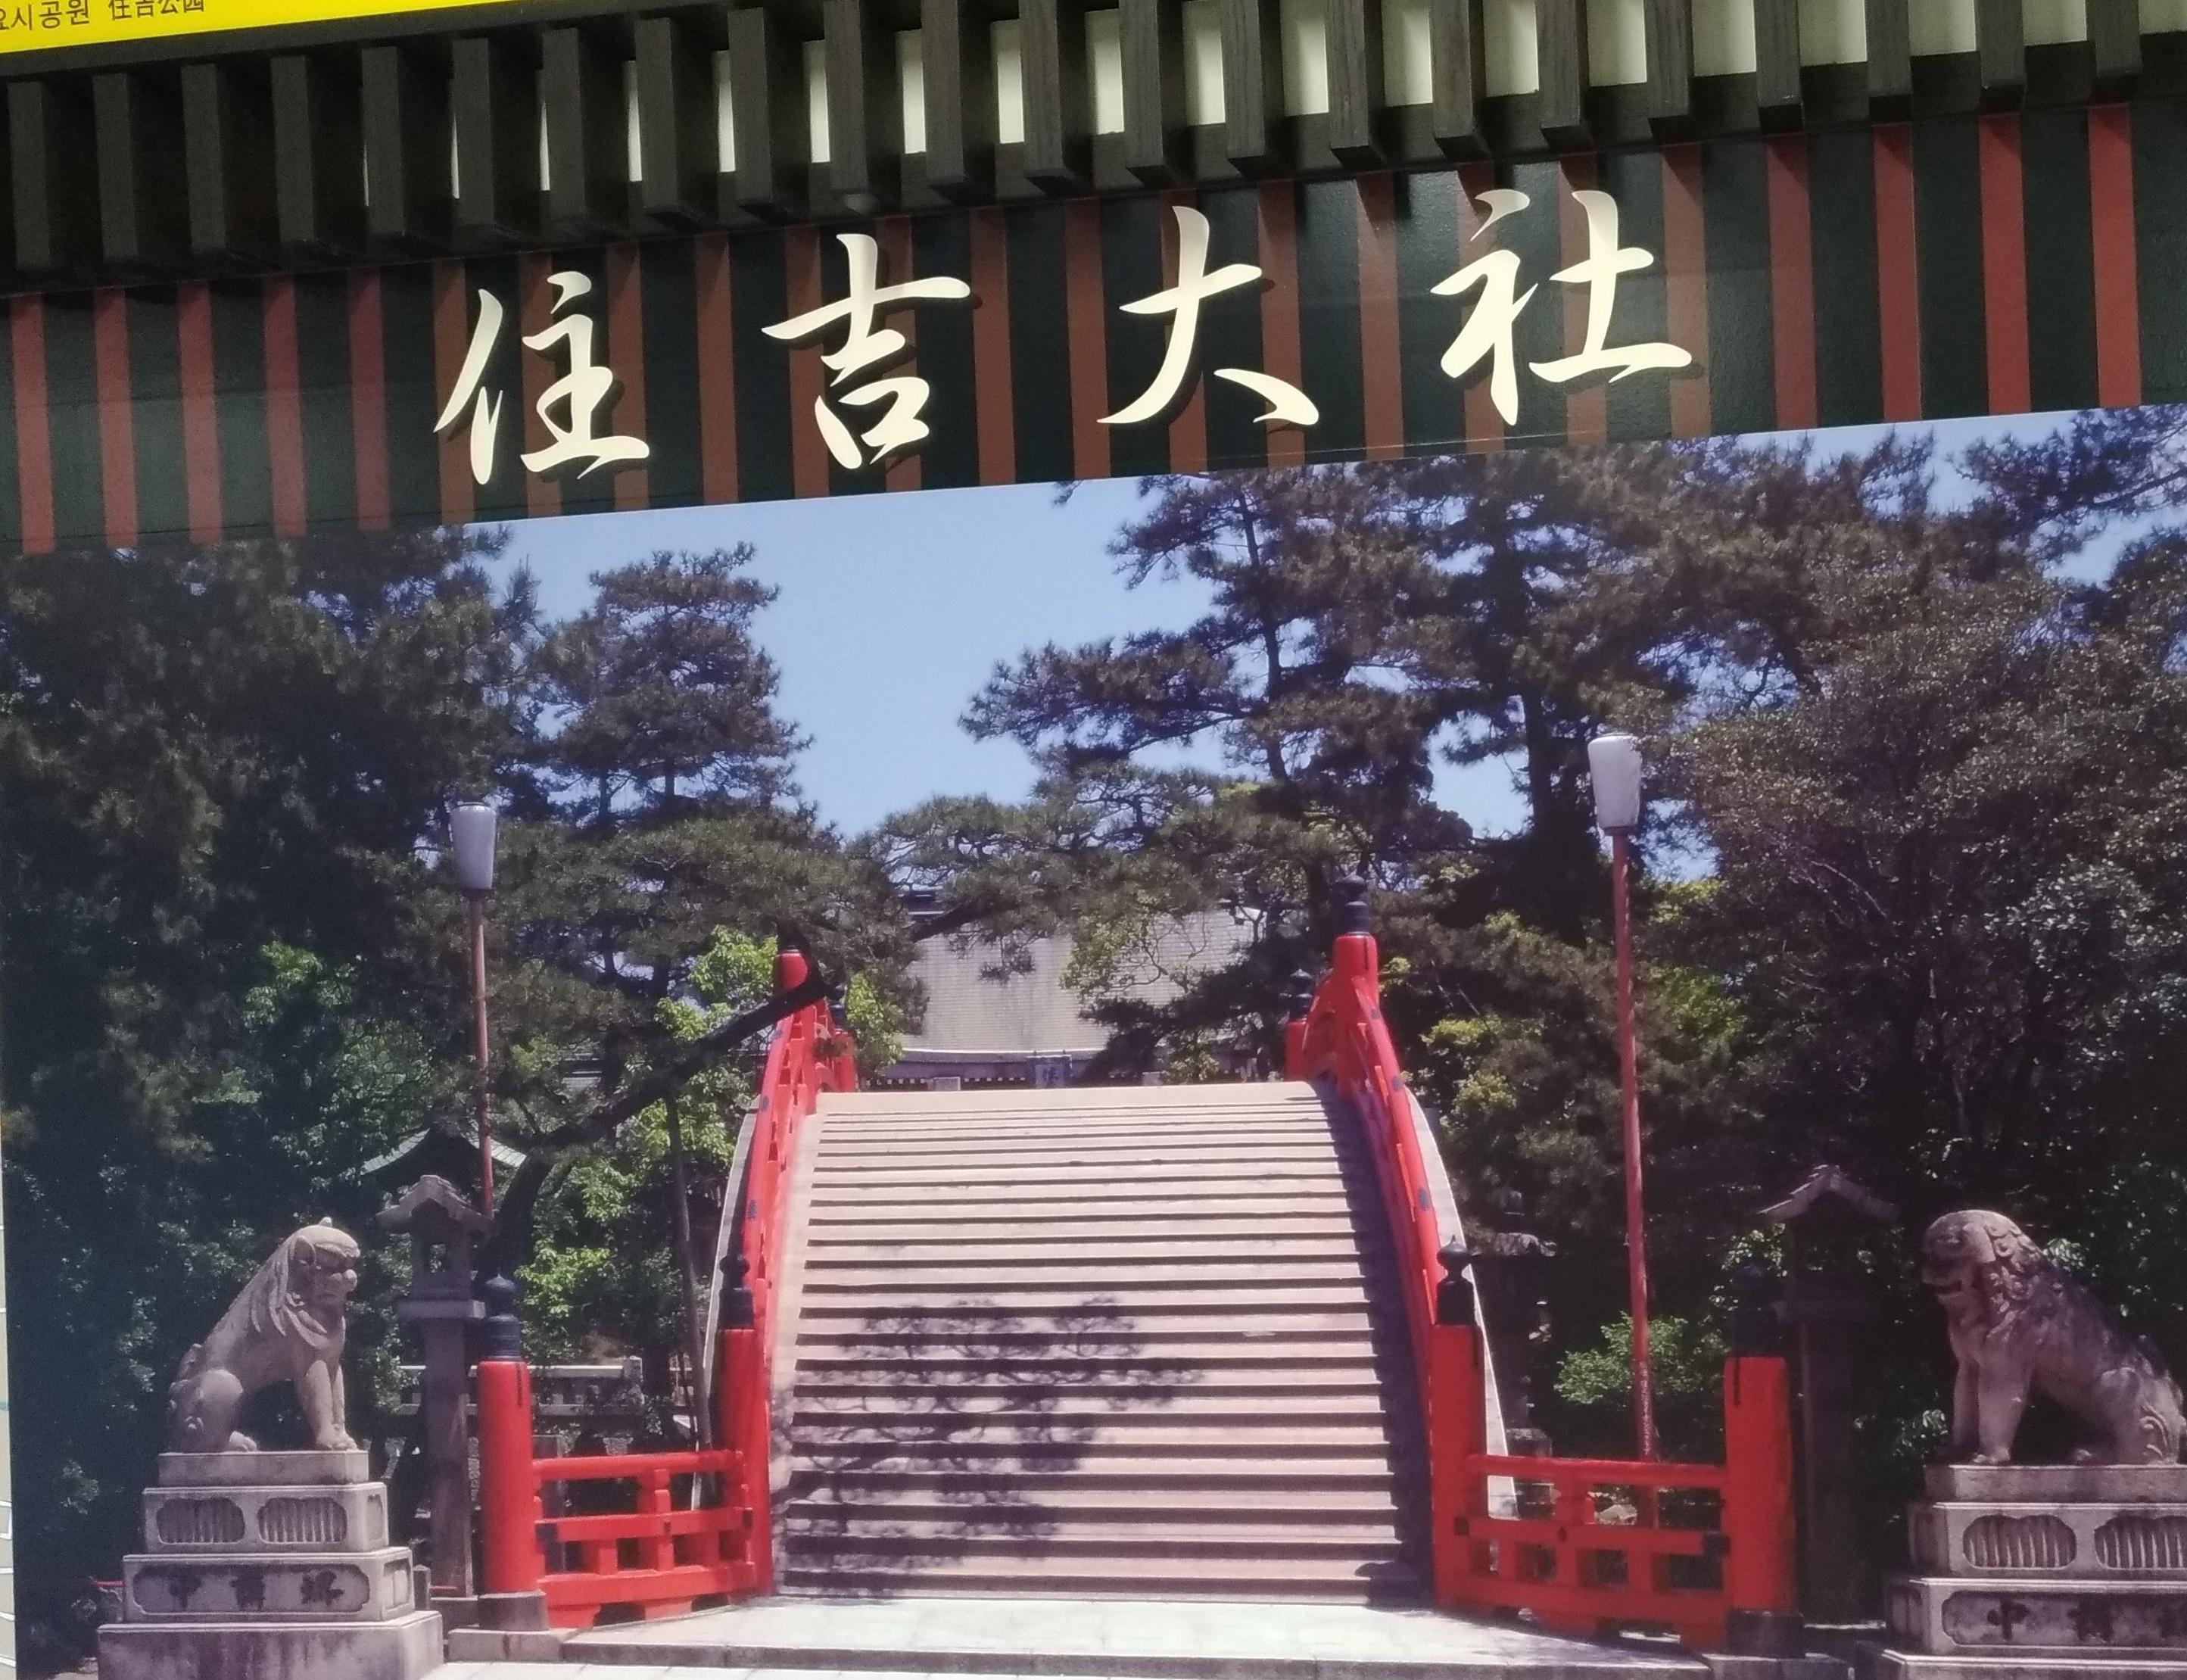 sumiyoshi_taisya_osaka_kanko2020.jpg